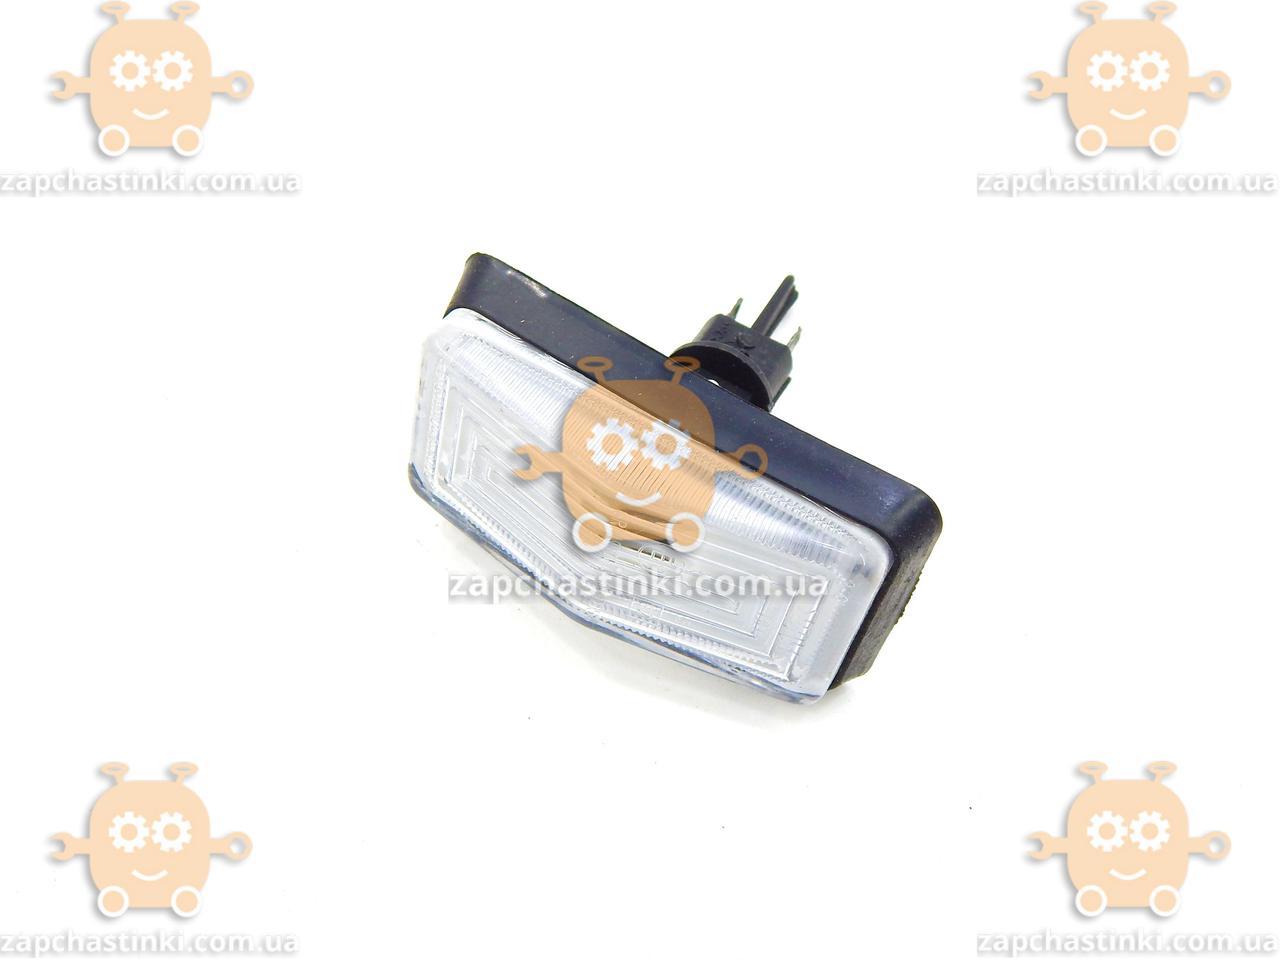 Повторитель поворота ВАЗ 2105, 2107 белый клипса с патроном (пр-во Россия) ПД 94744